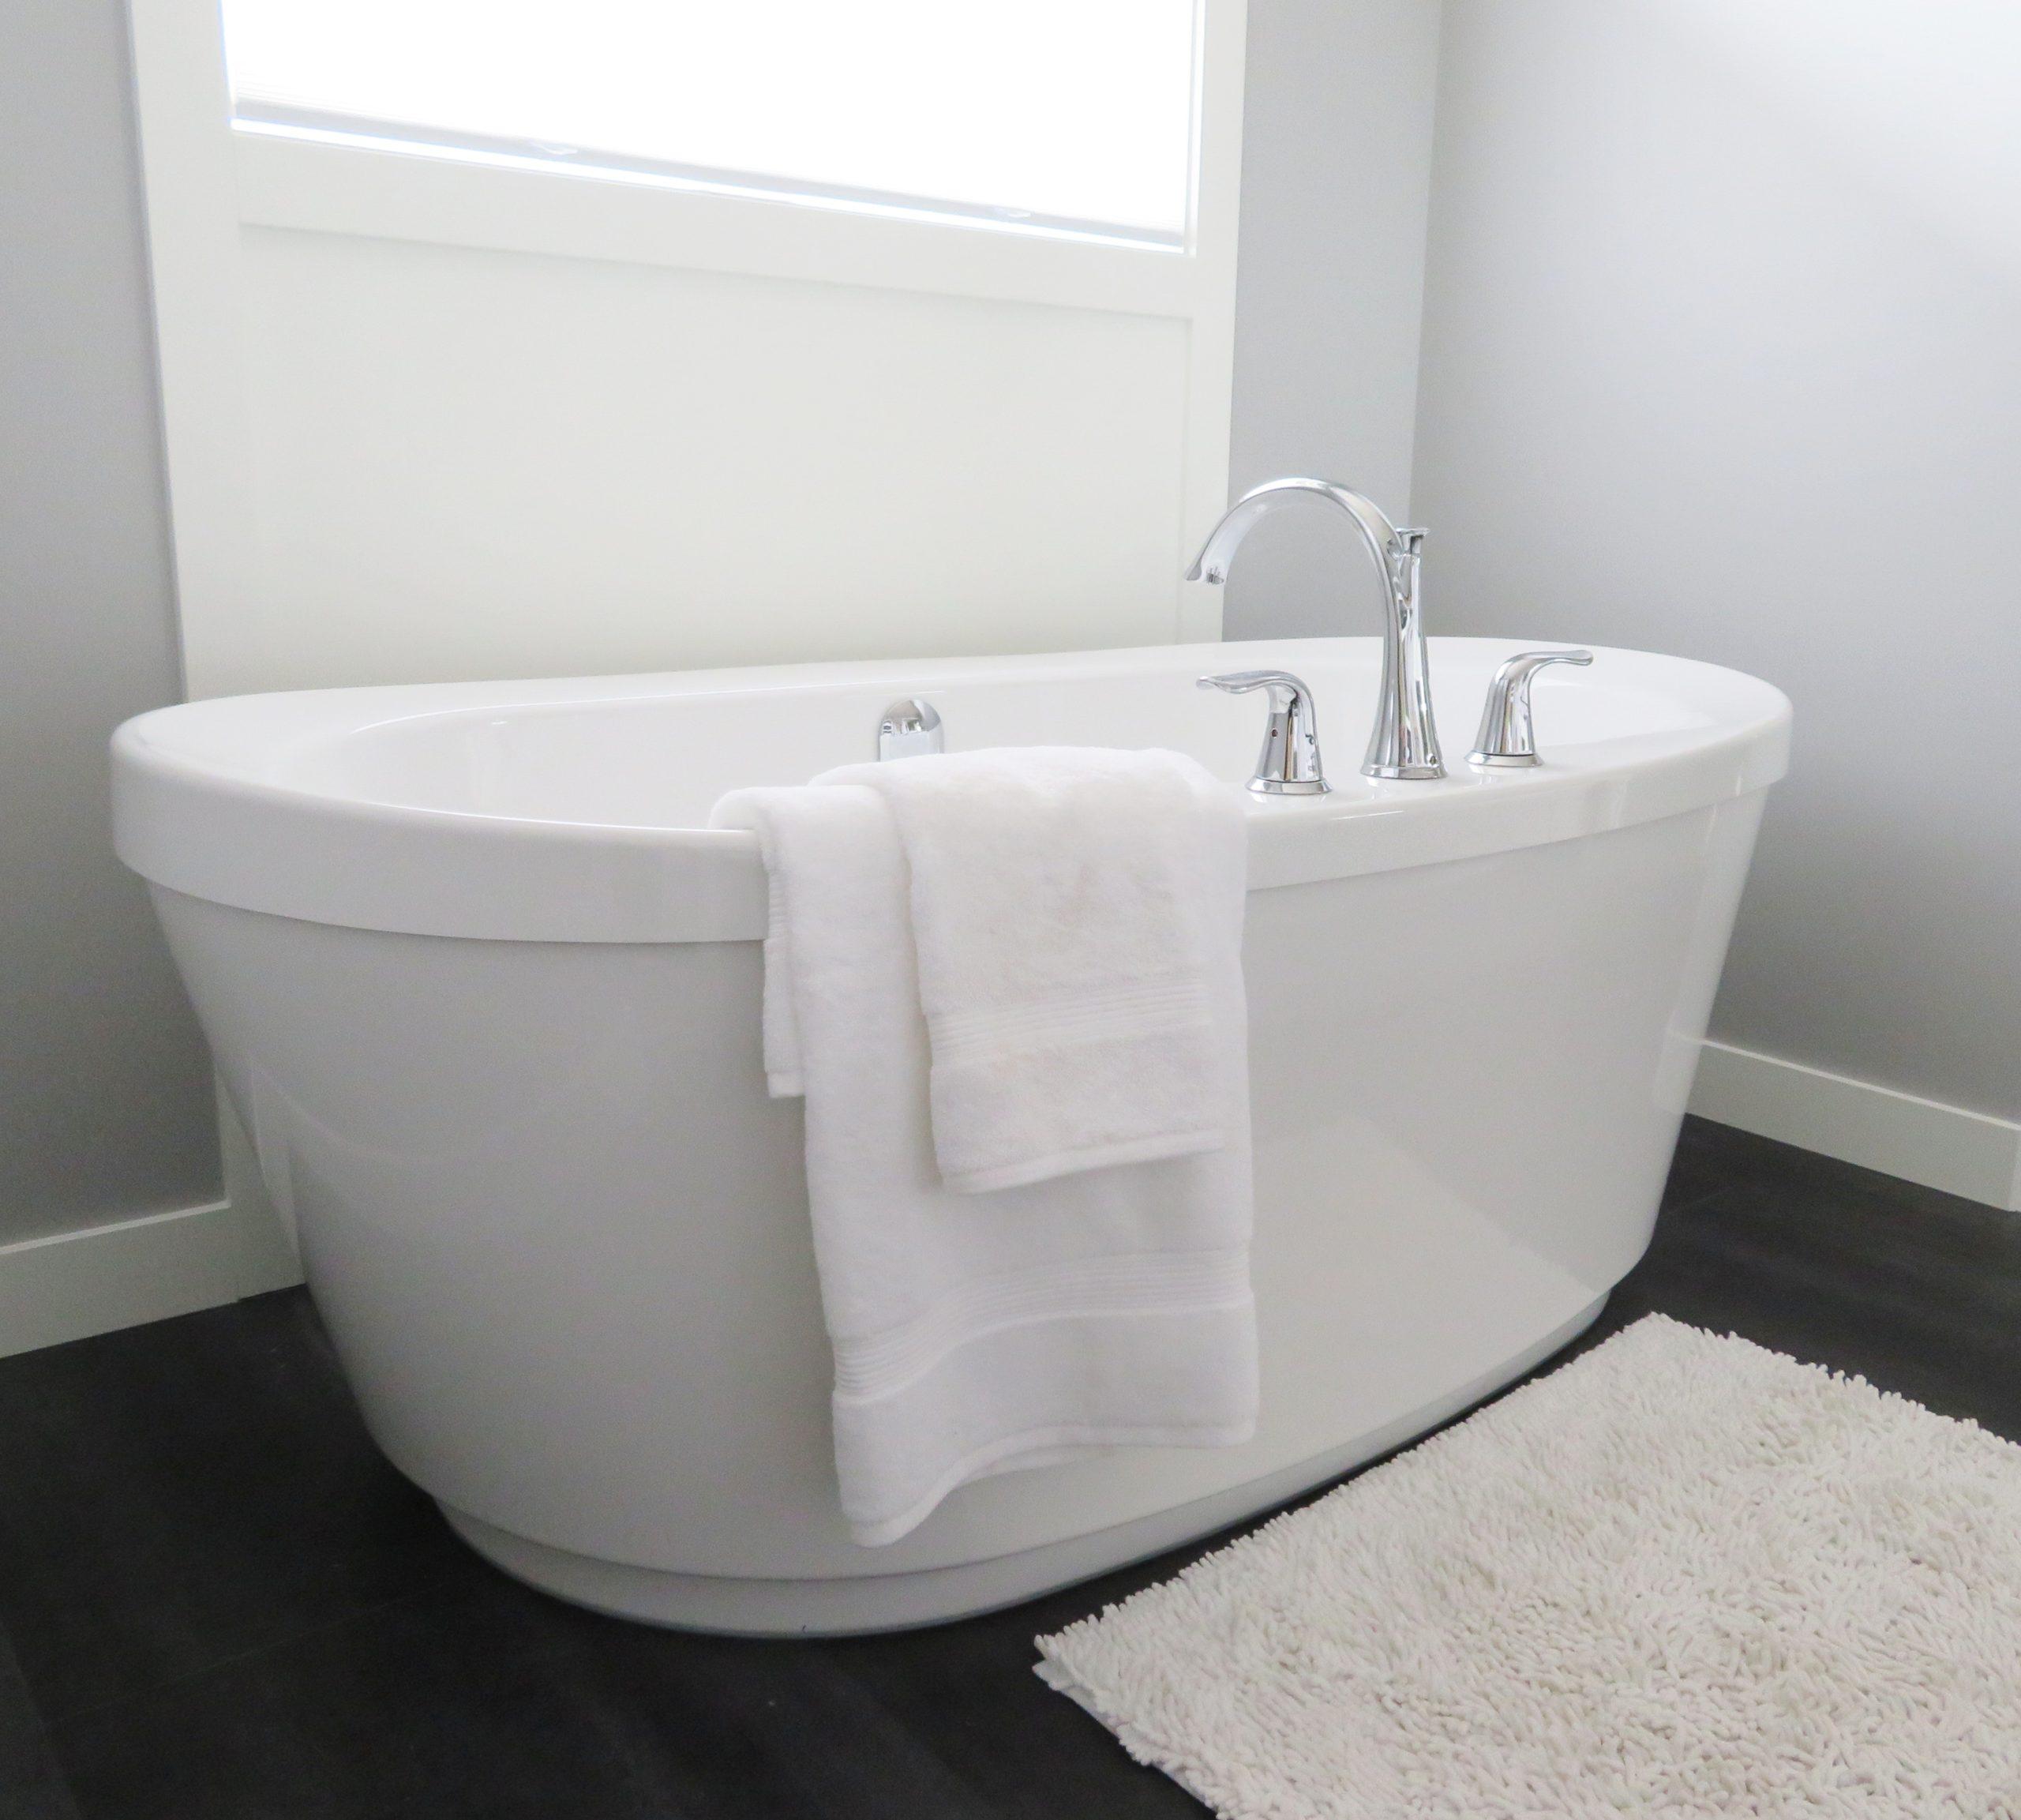 bath-bathroom-bathtub